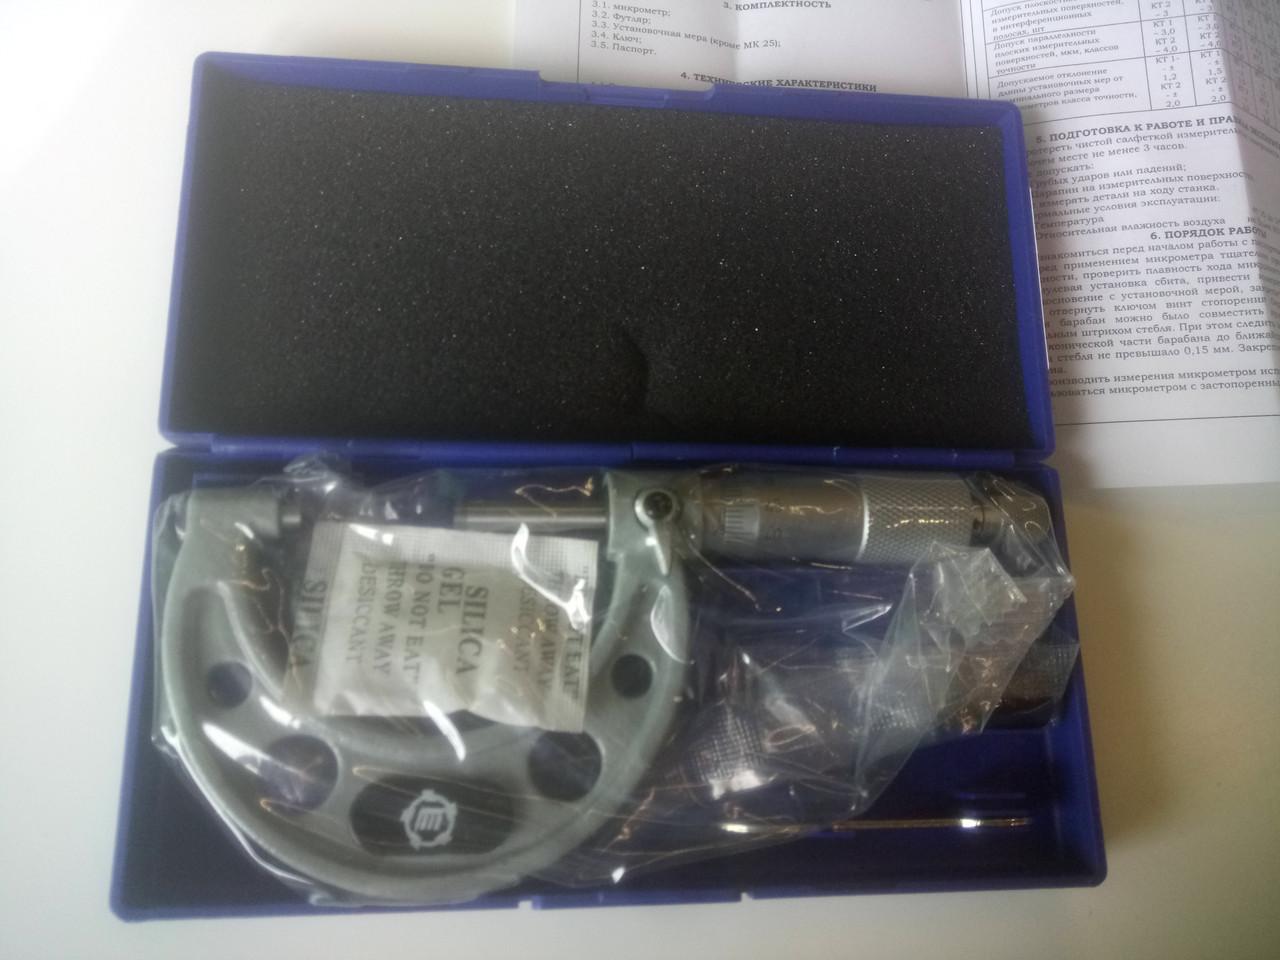 Микрометр  МК25-50 (цена деления 0,01 мм)  ГОСТ6507 (Возможна калибровка в УкрЦСМ)